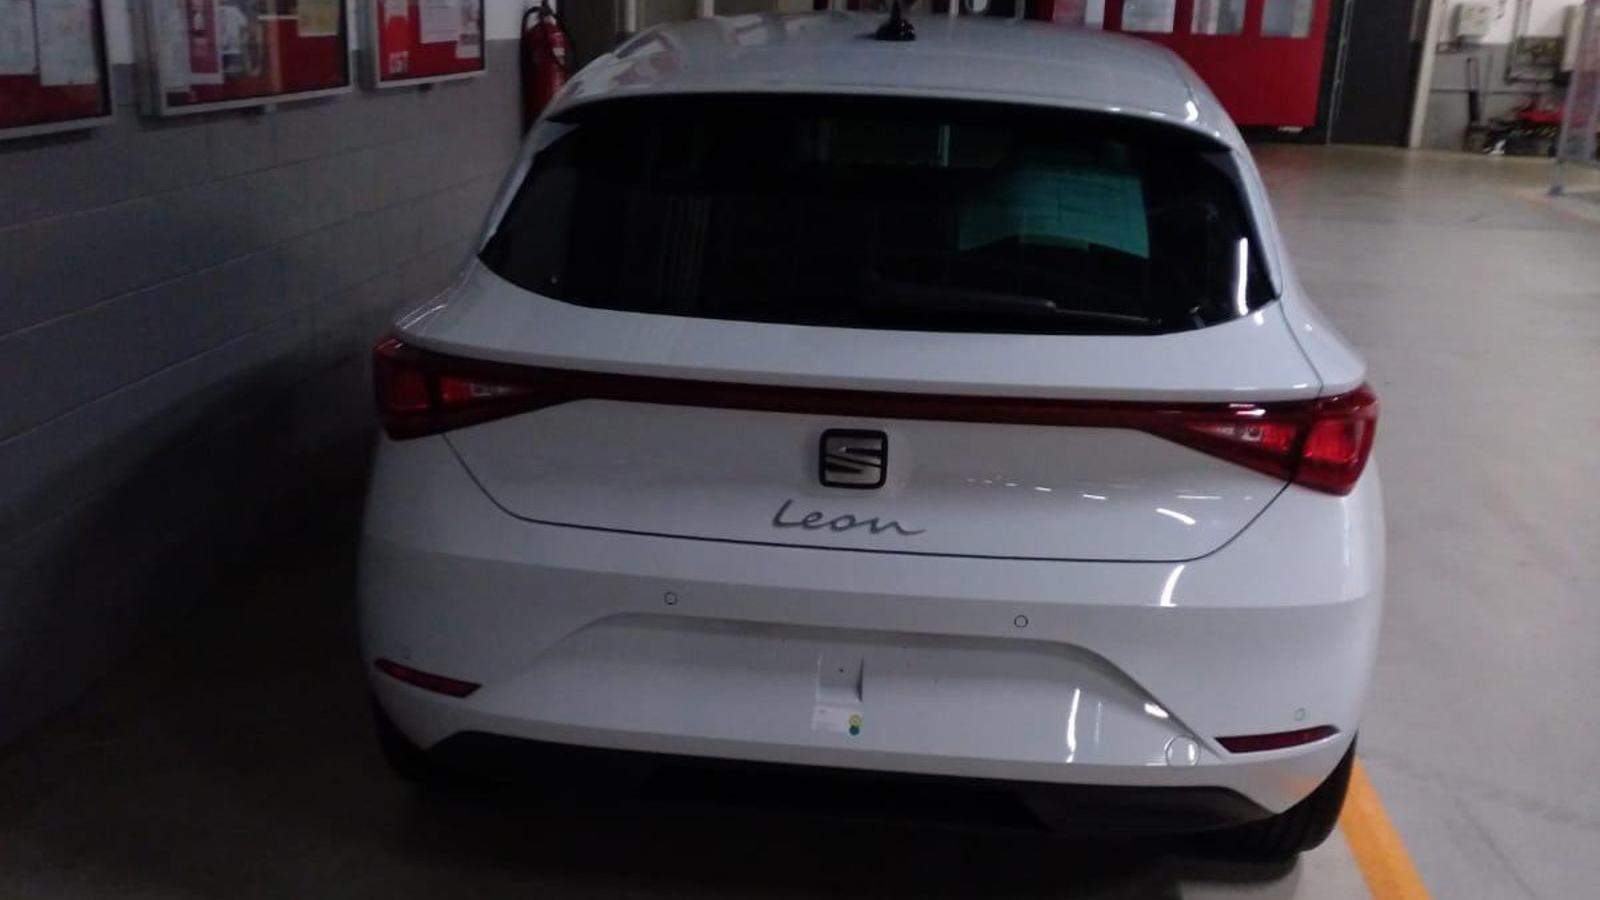 El nou Seat León, filtrat abans d'hora